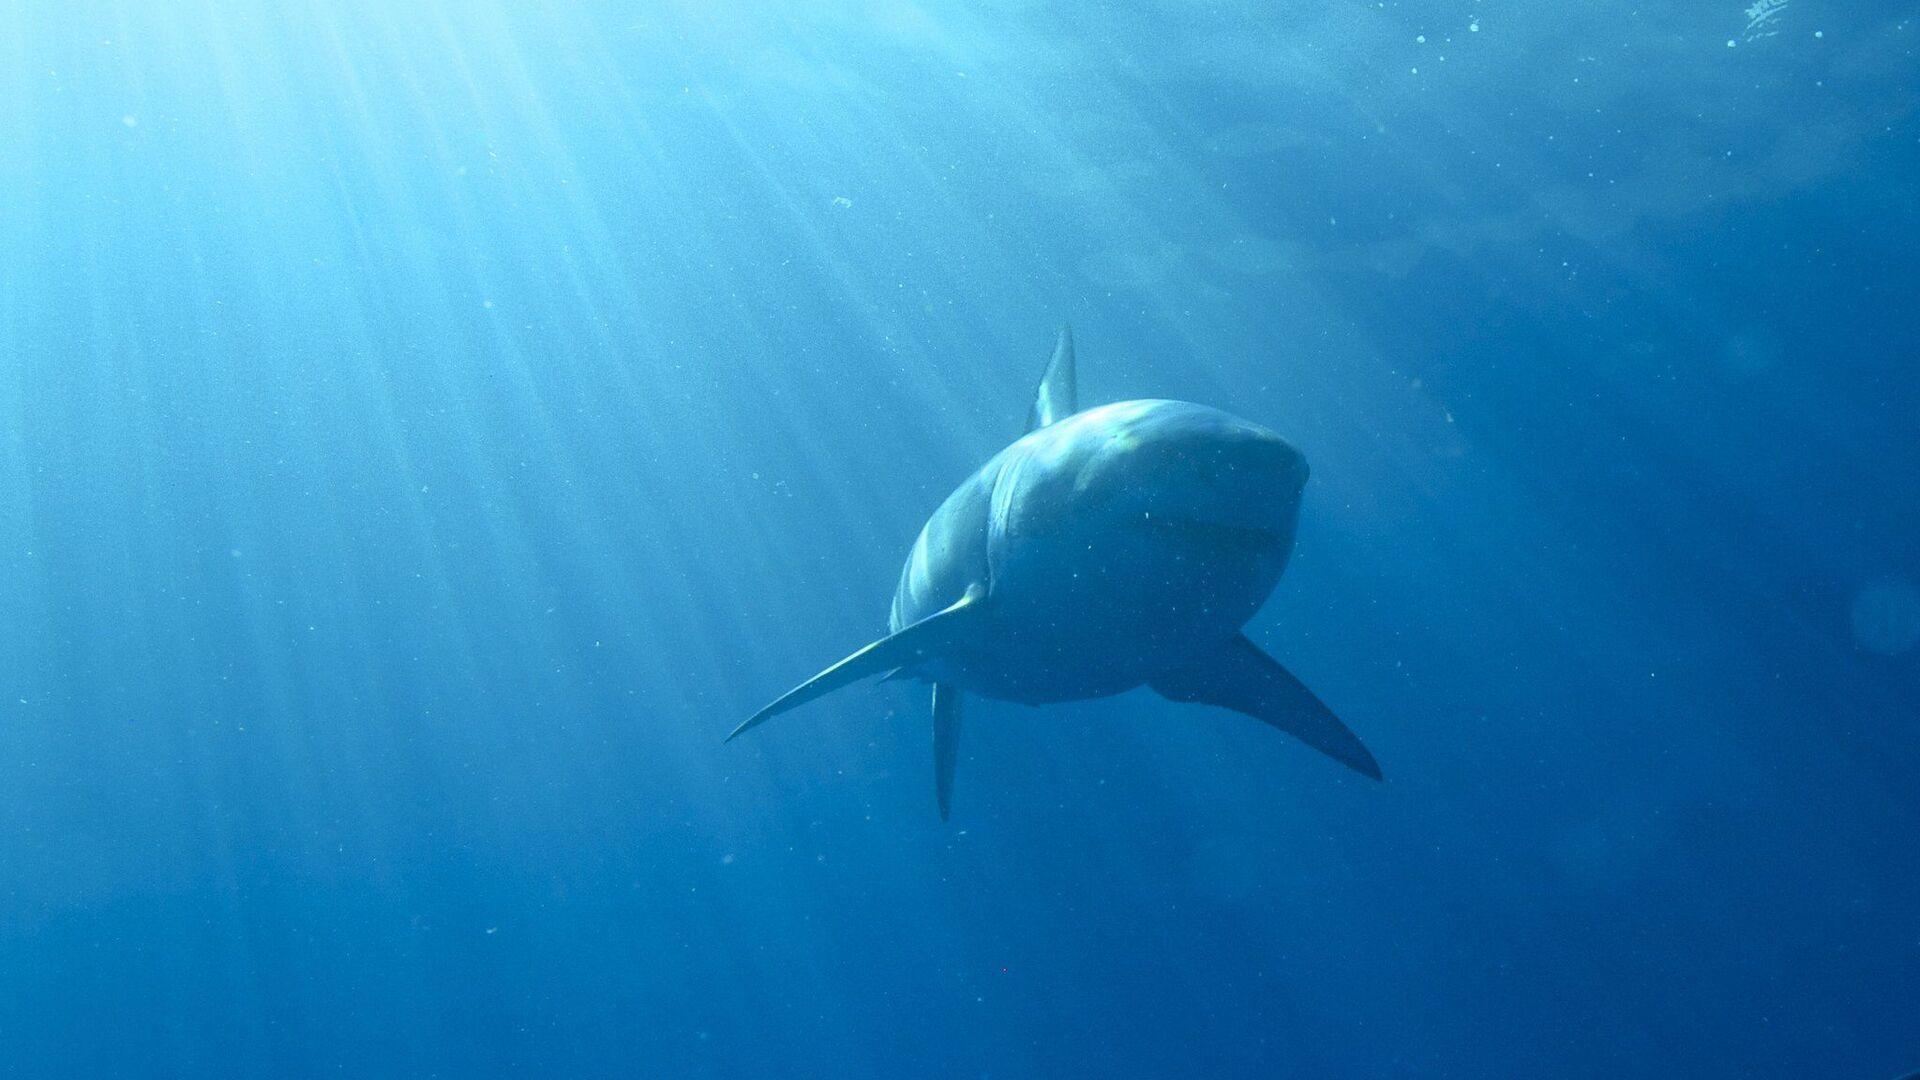 Un tiburón blanco (imagen referencial) - Sputnik Mundo, 1920, 24.06.2021